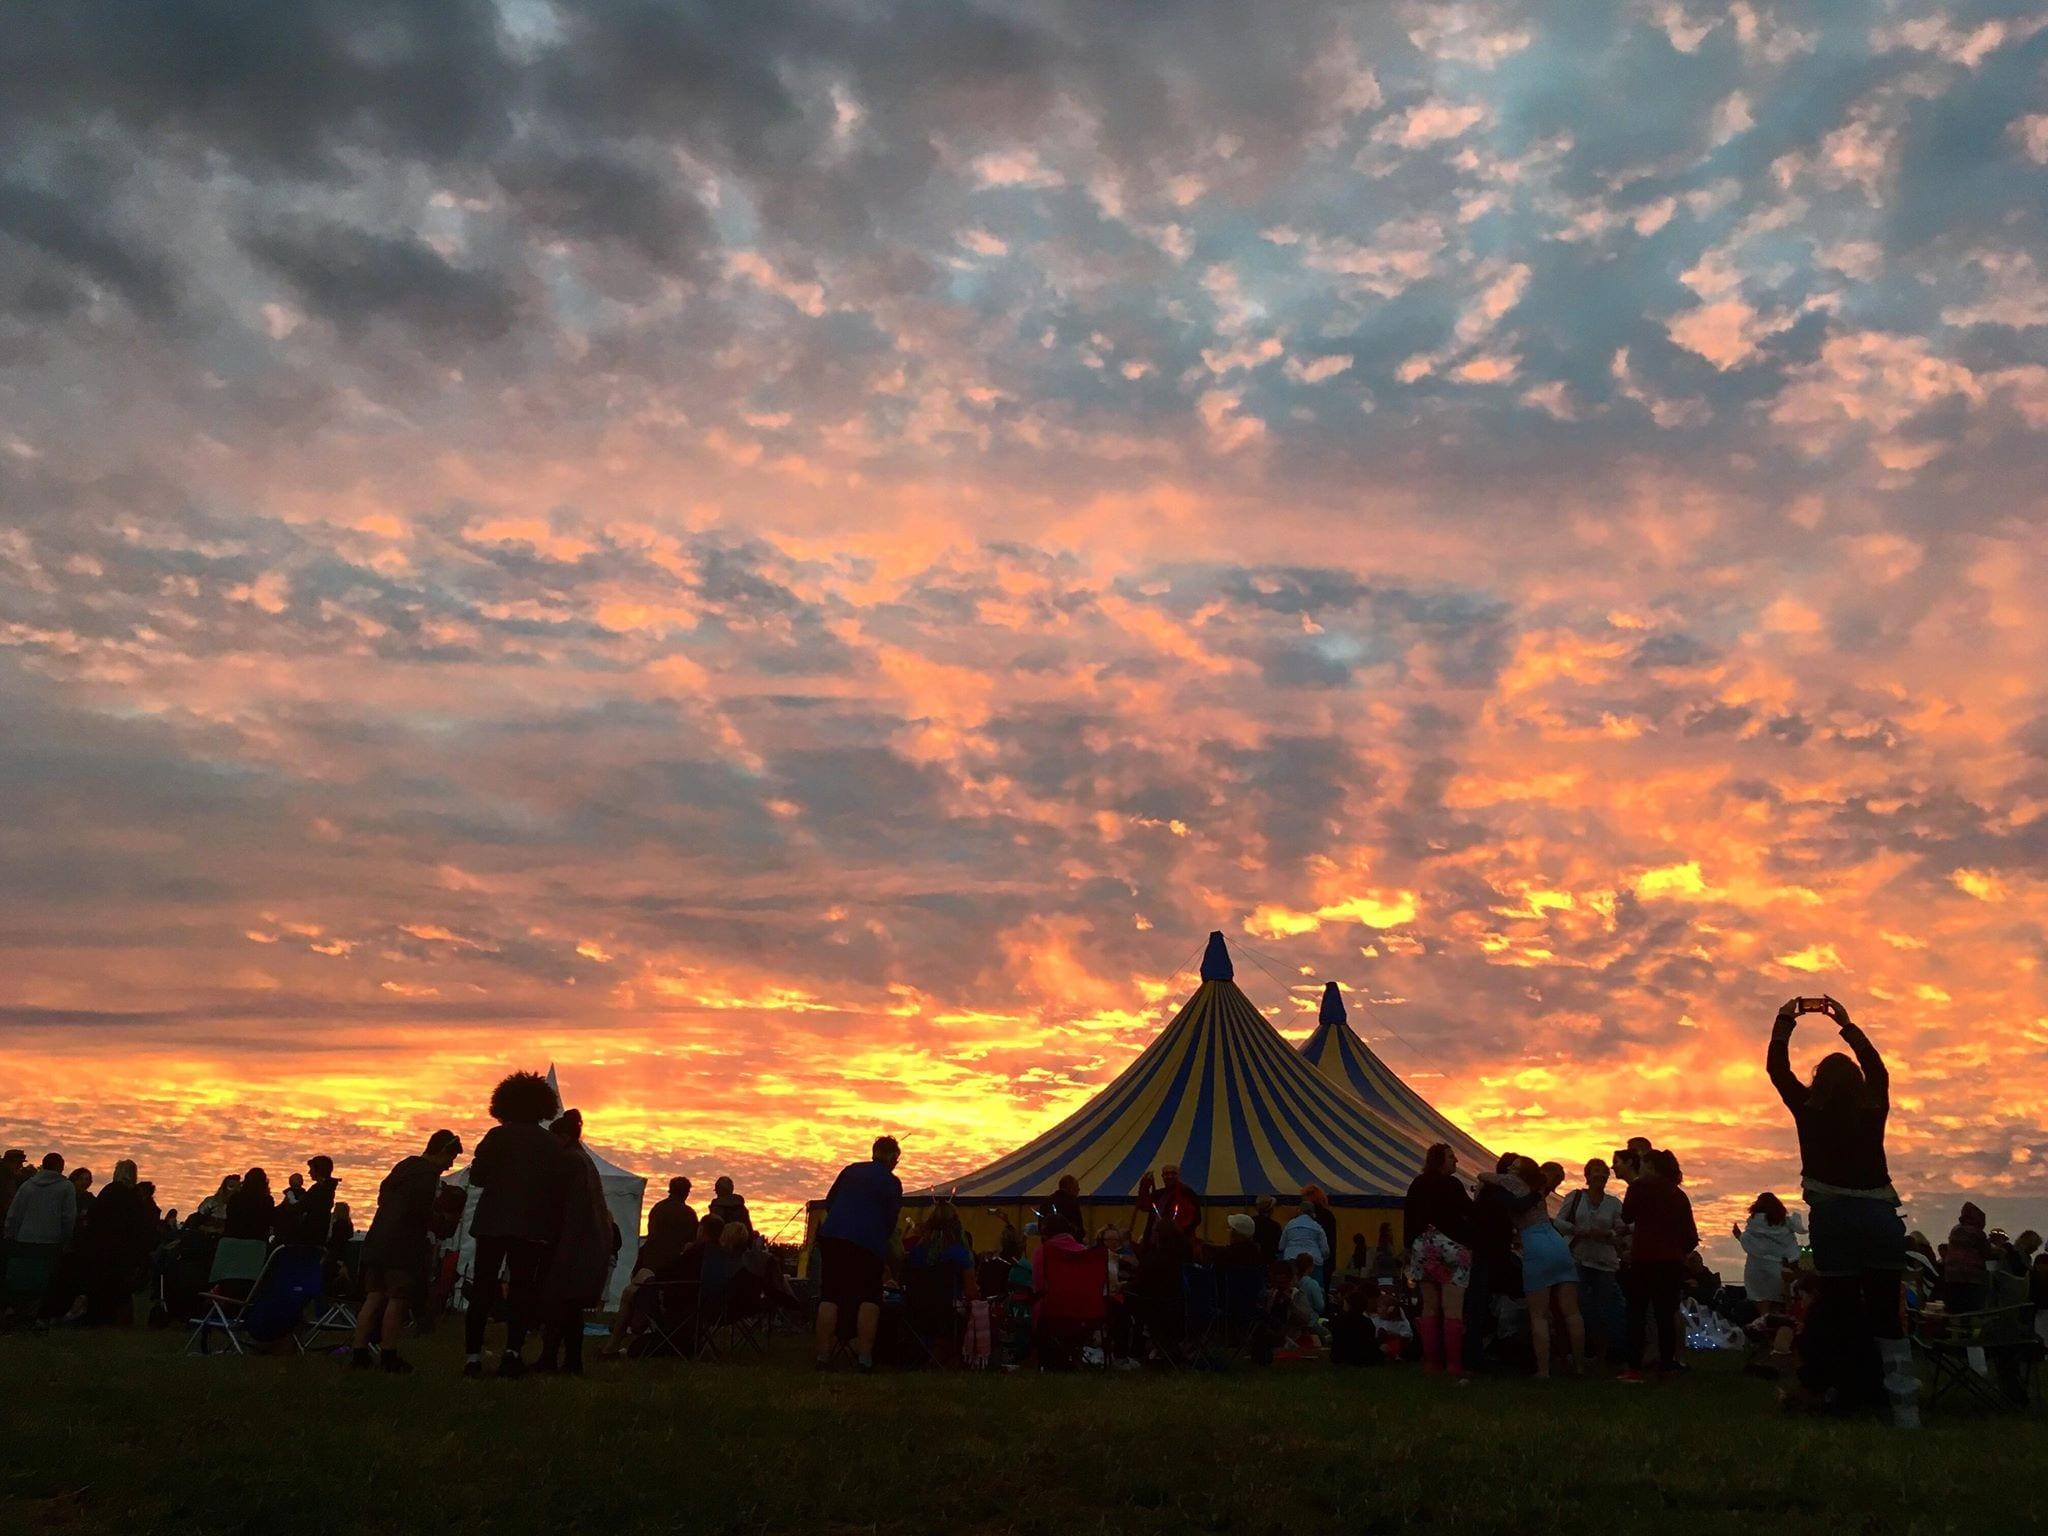 Chagstock Family Festival